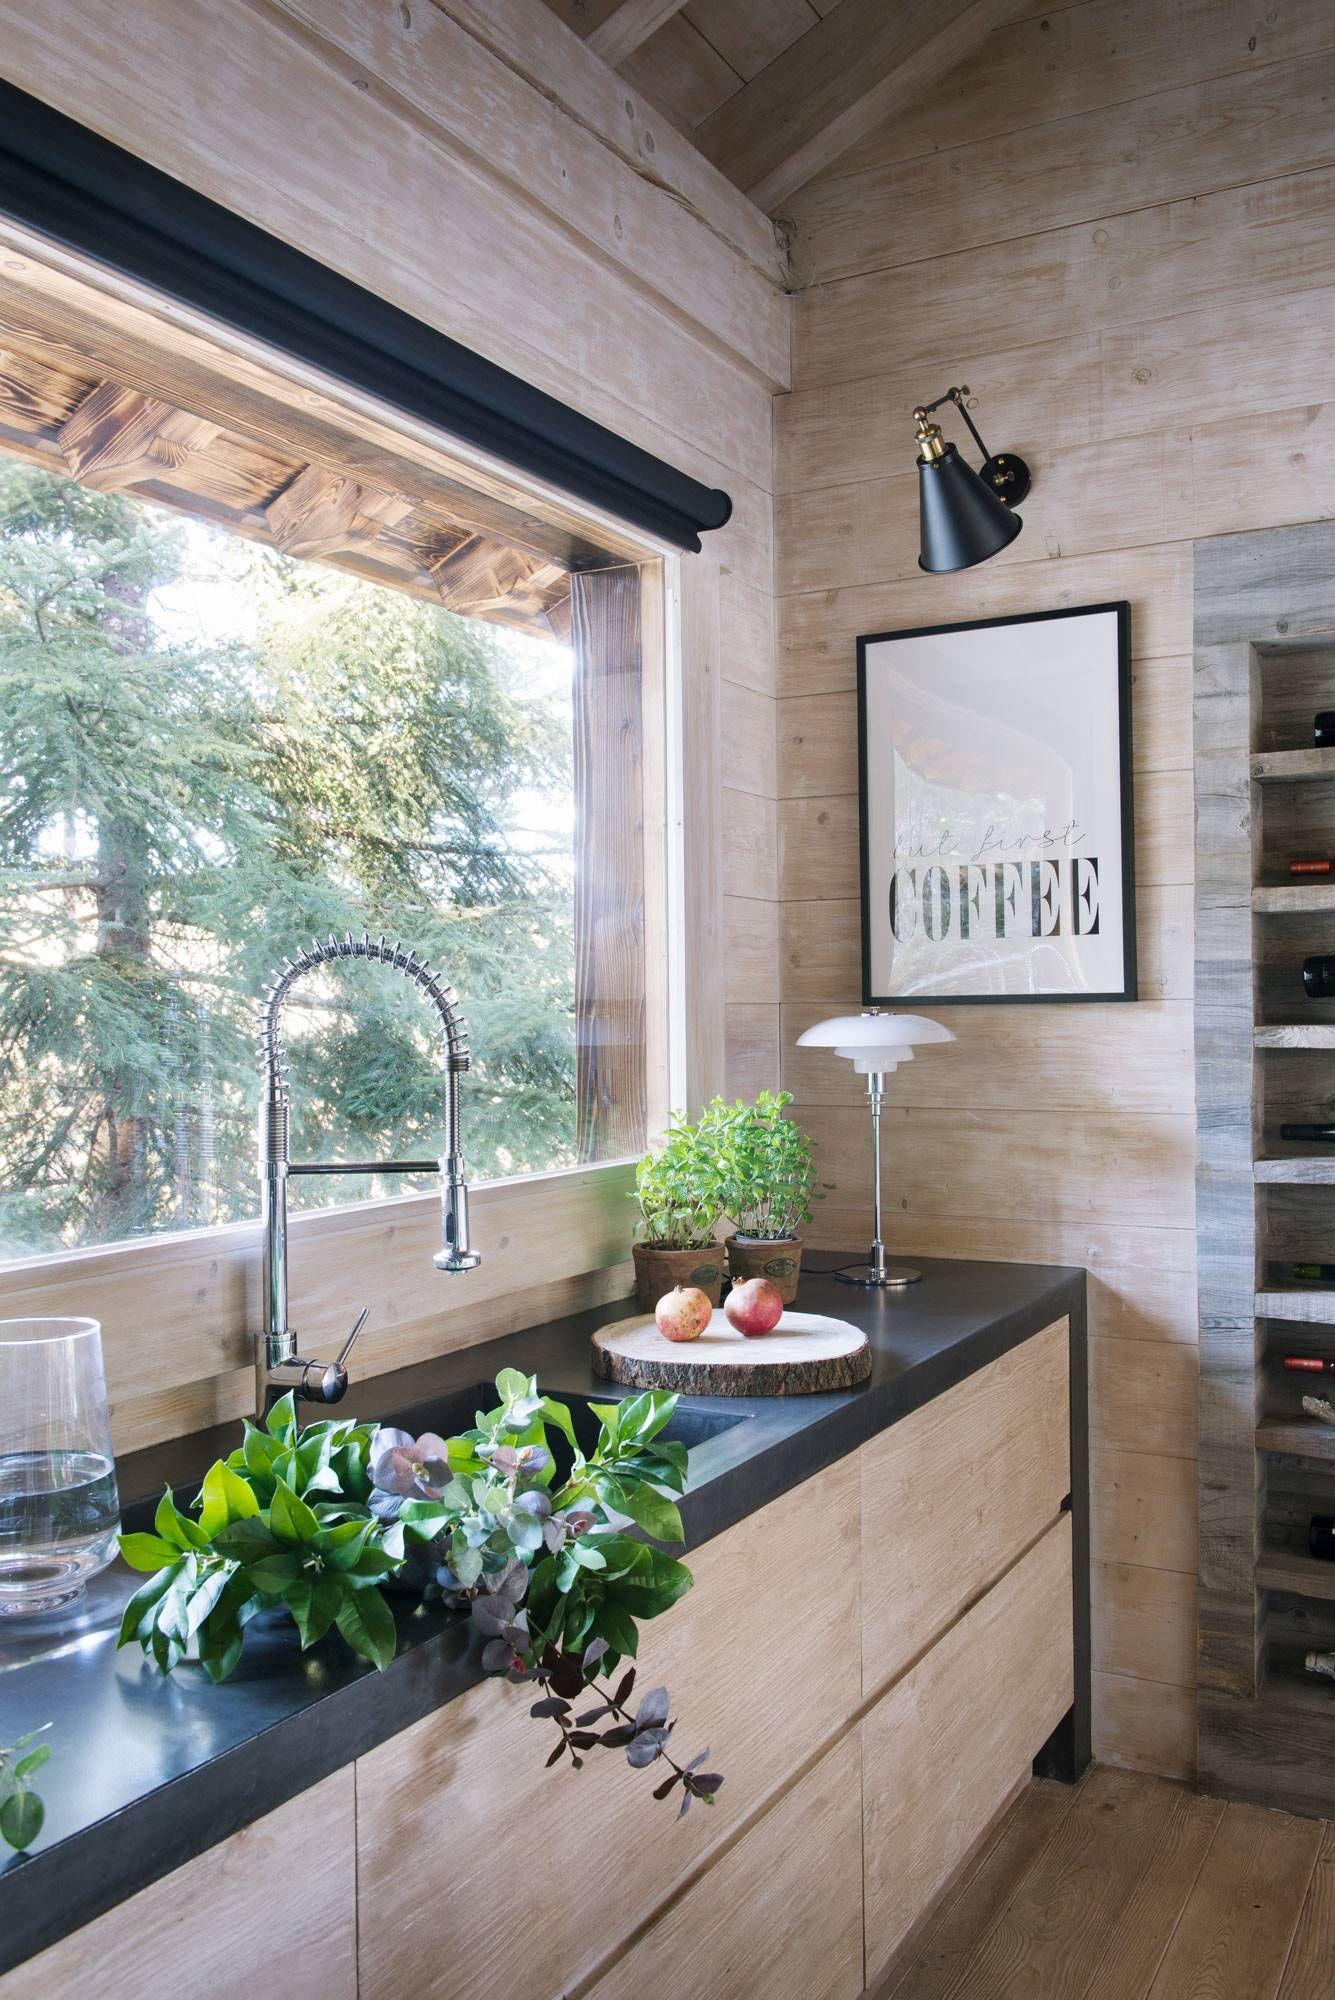 00477898 O Cocina con fregadero debajo de la ventana acabado del mobiliario en color neutro y encimera microcemento en negro477898